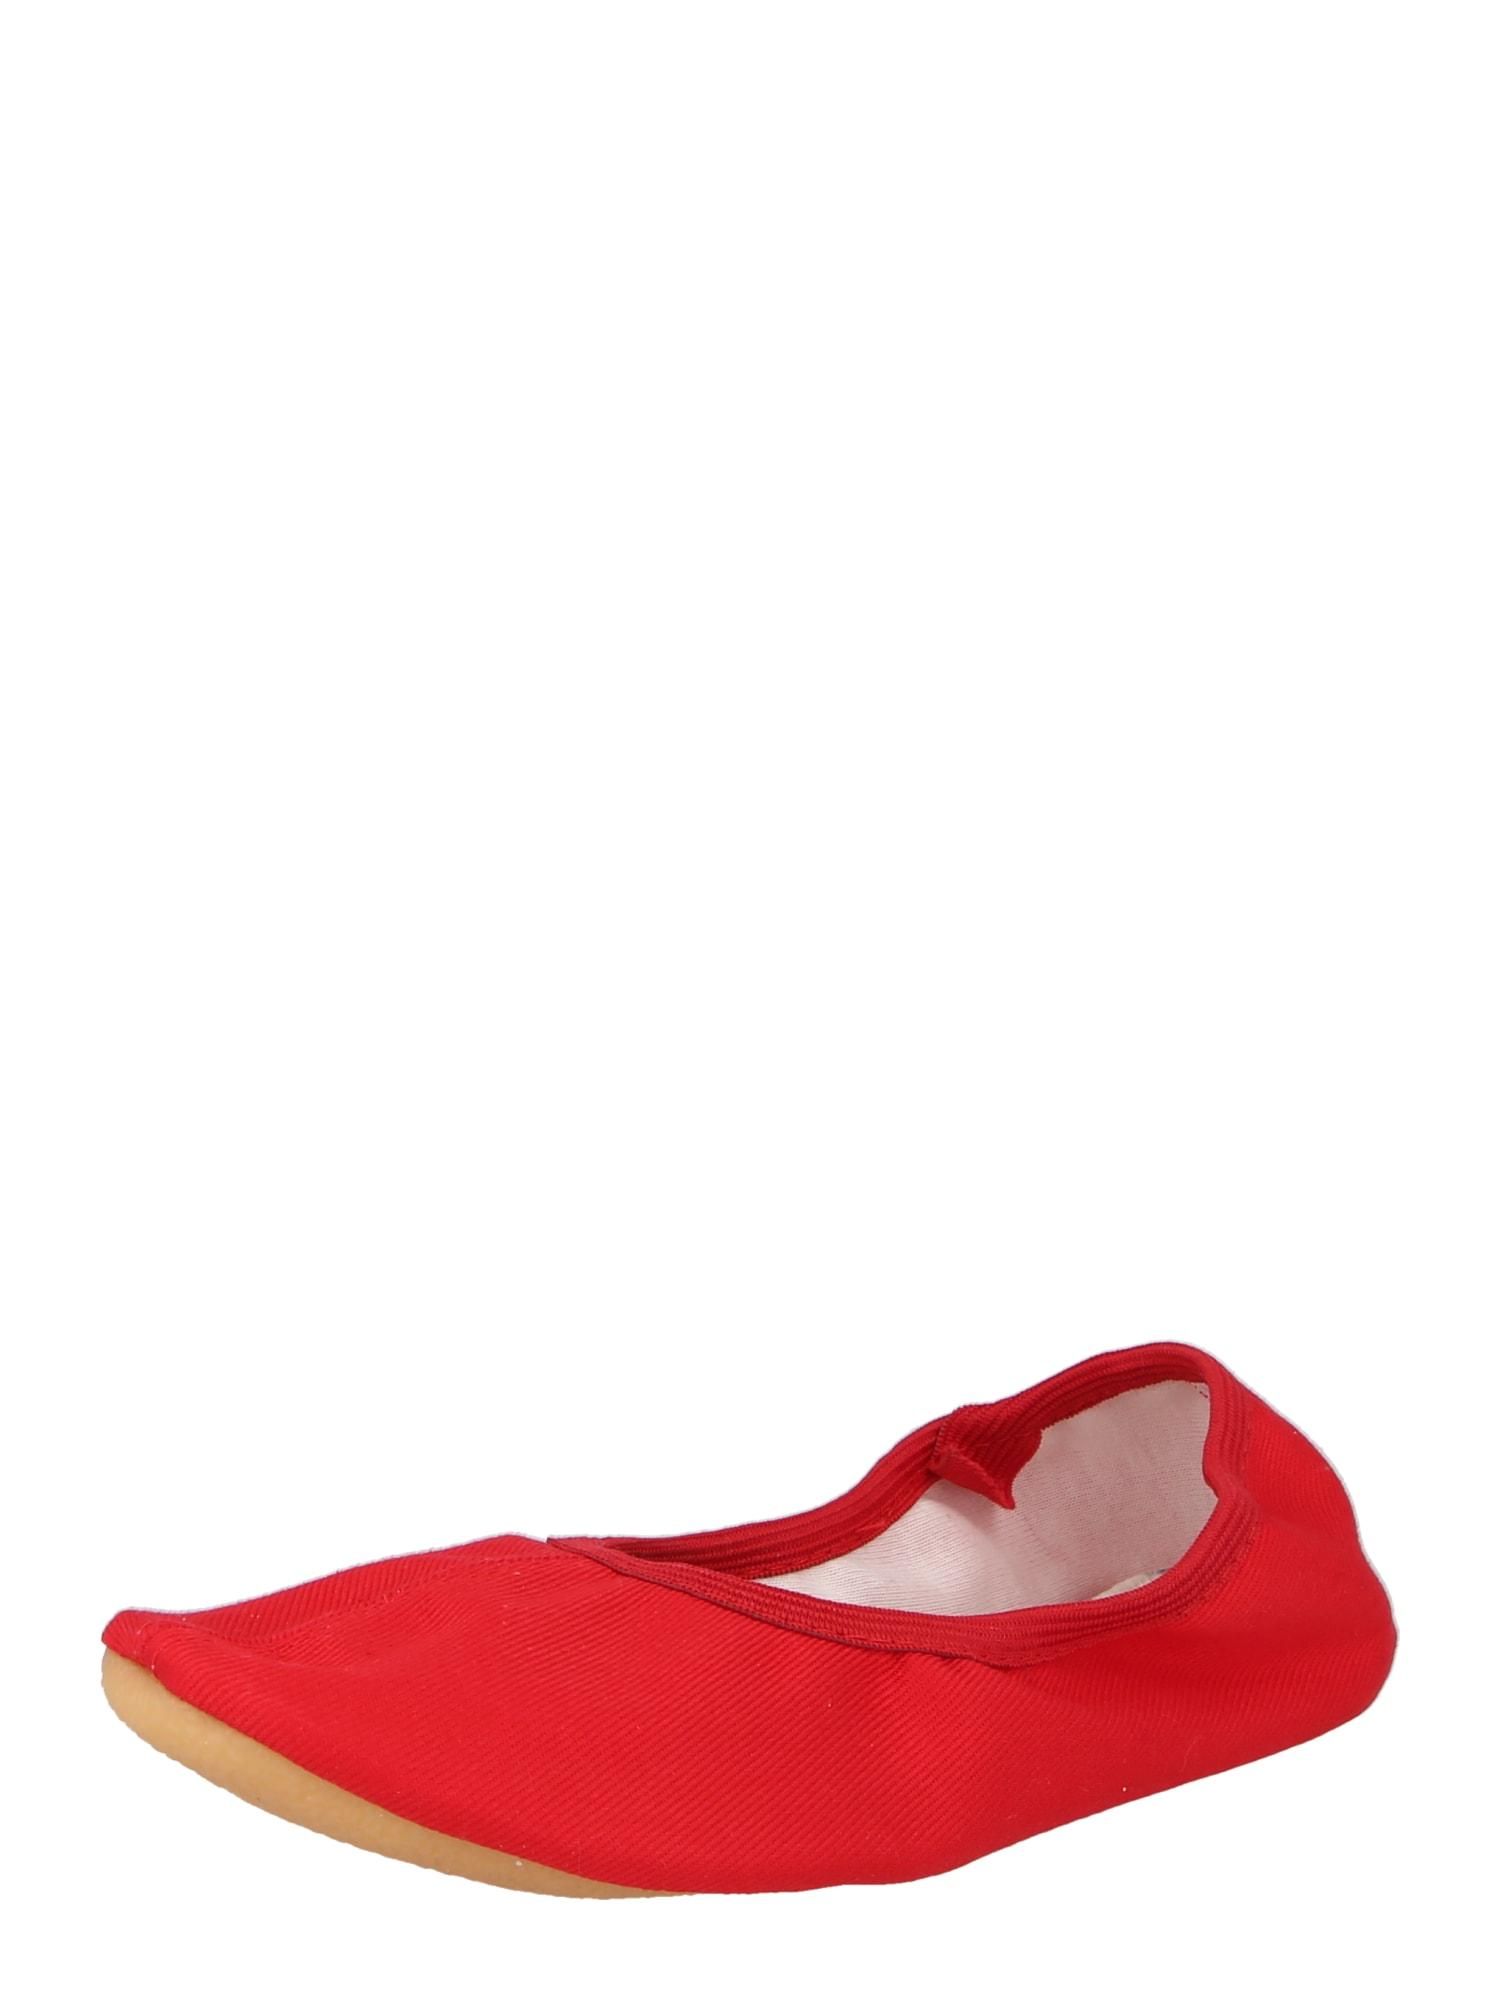 BECK Sportiniai batai raudona